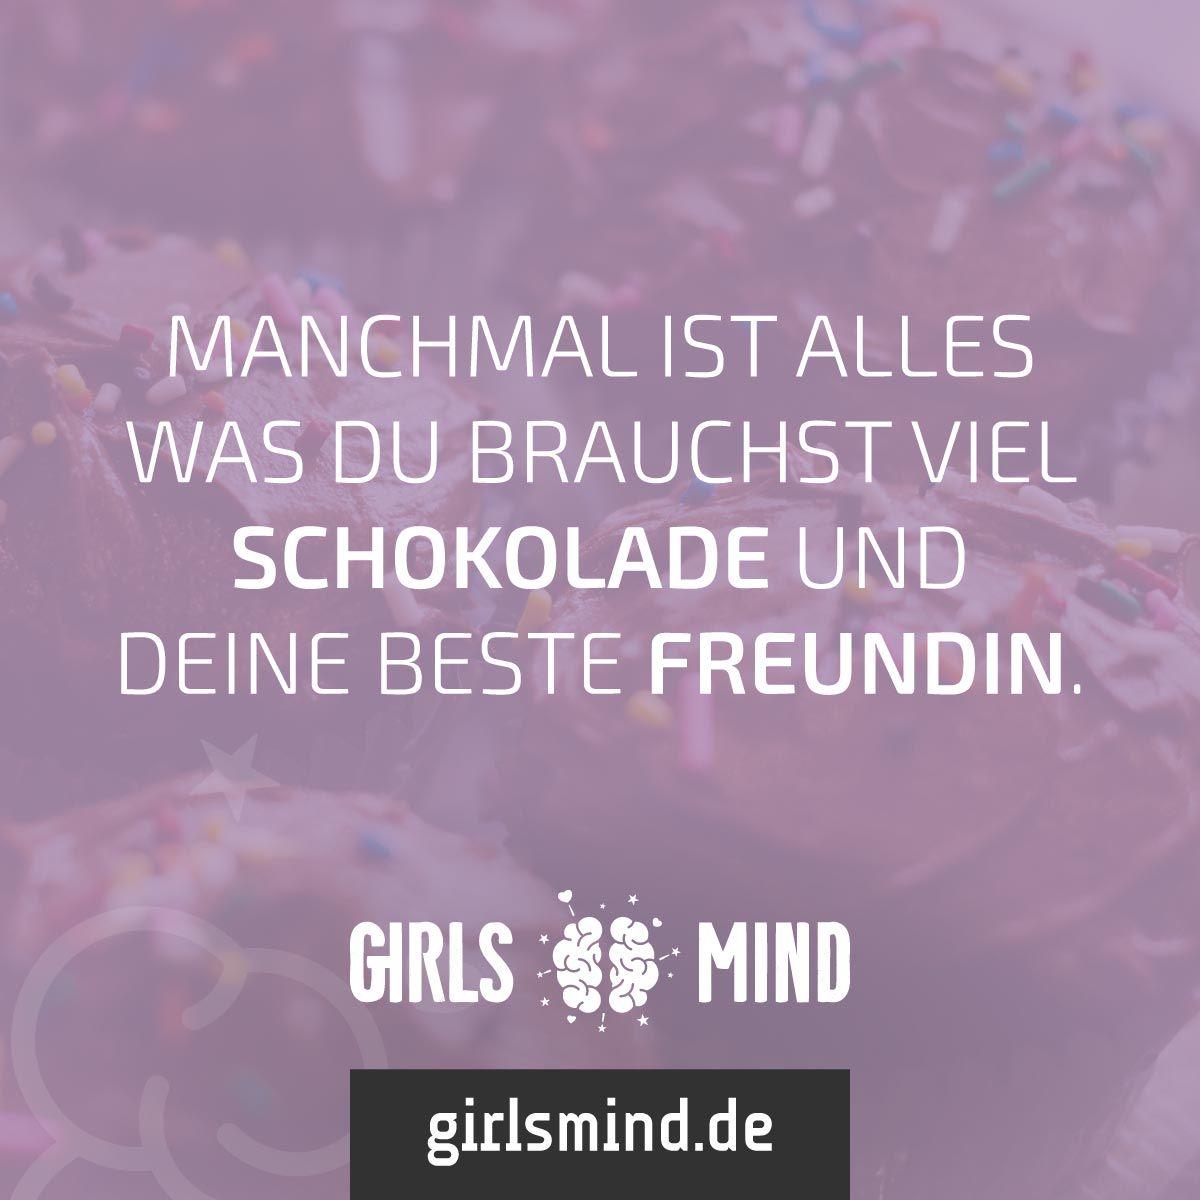 mehr sprüche auf: www.girlsmind.de #freunde #freund #freundinnen